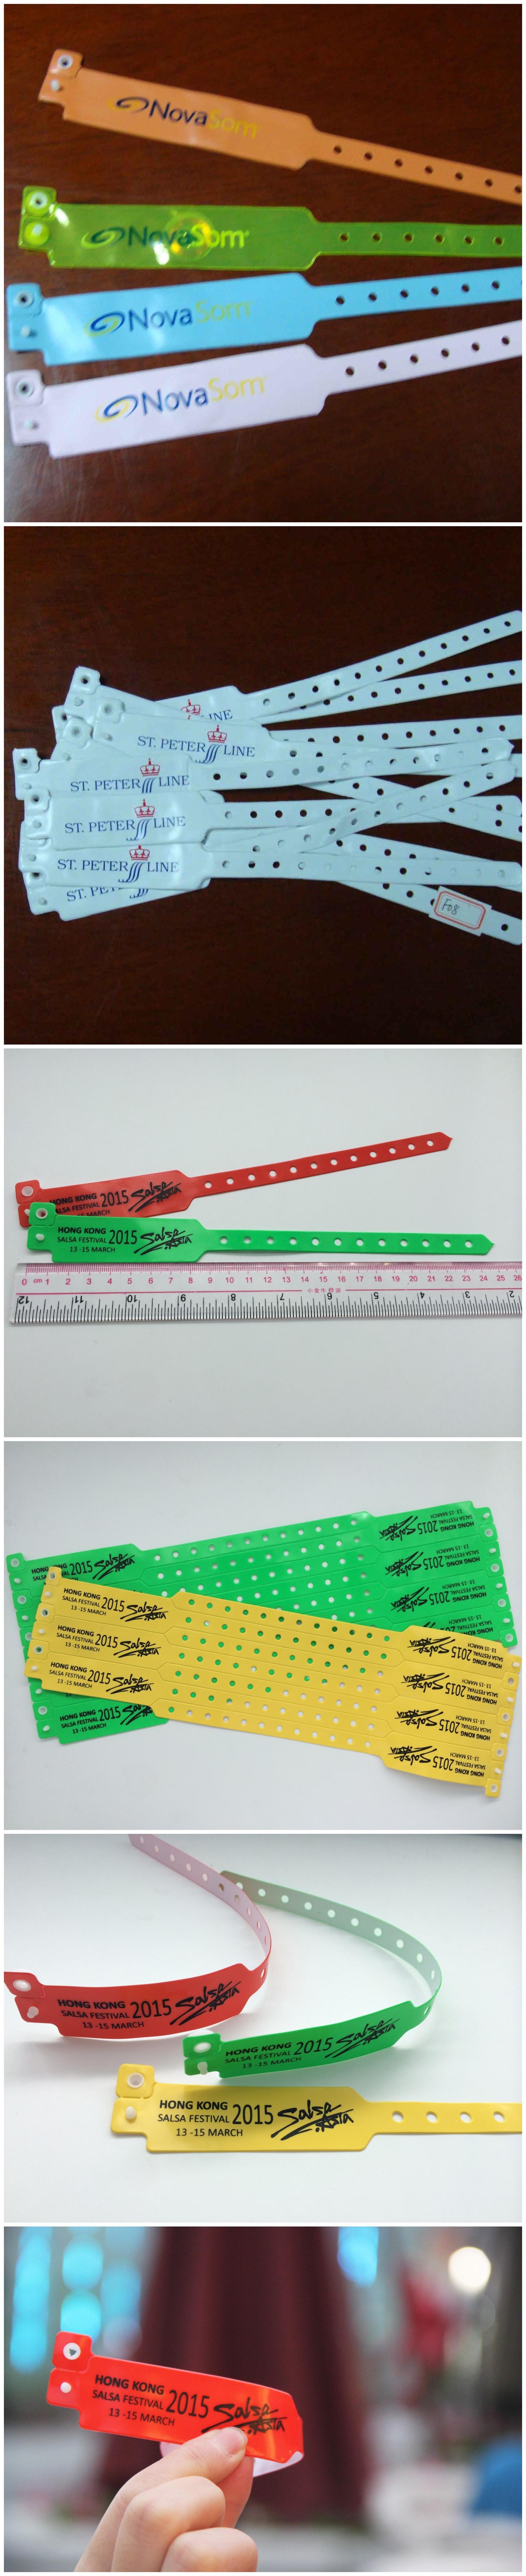 RFID Tag Wristband